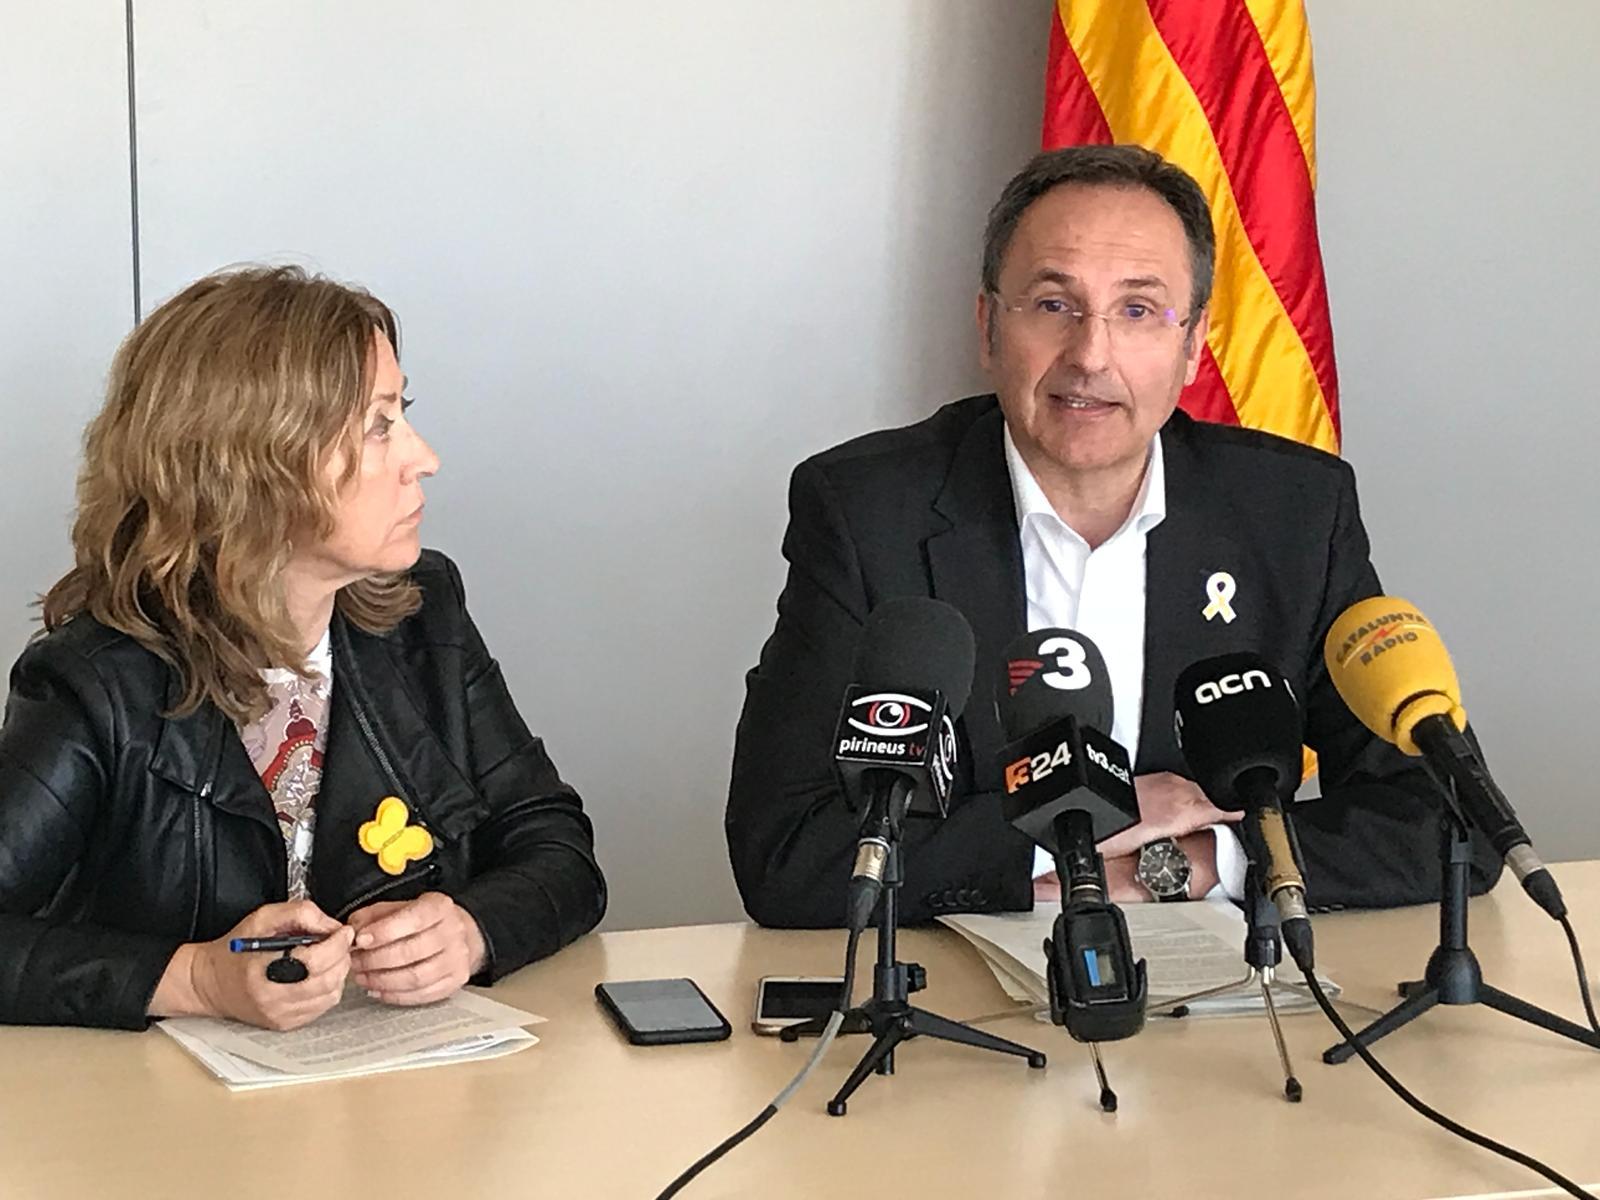 La directora dels serveis territorials de Territori i Sostenibilitat a Lleida, M. Dolors Tella, i el director general de Polítiques de Muntanya i del Litoral, Albert Alins